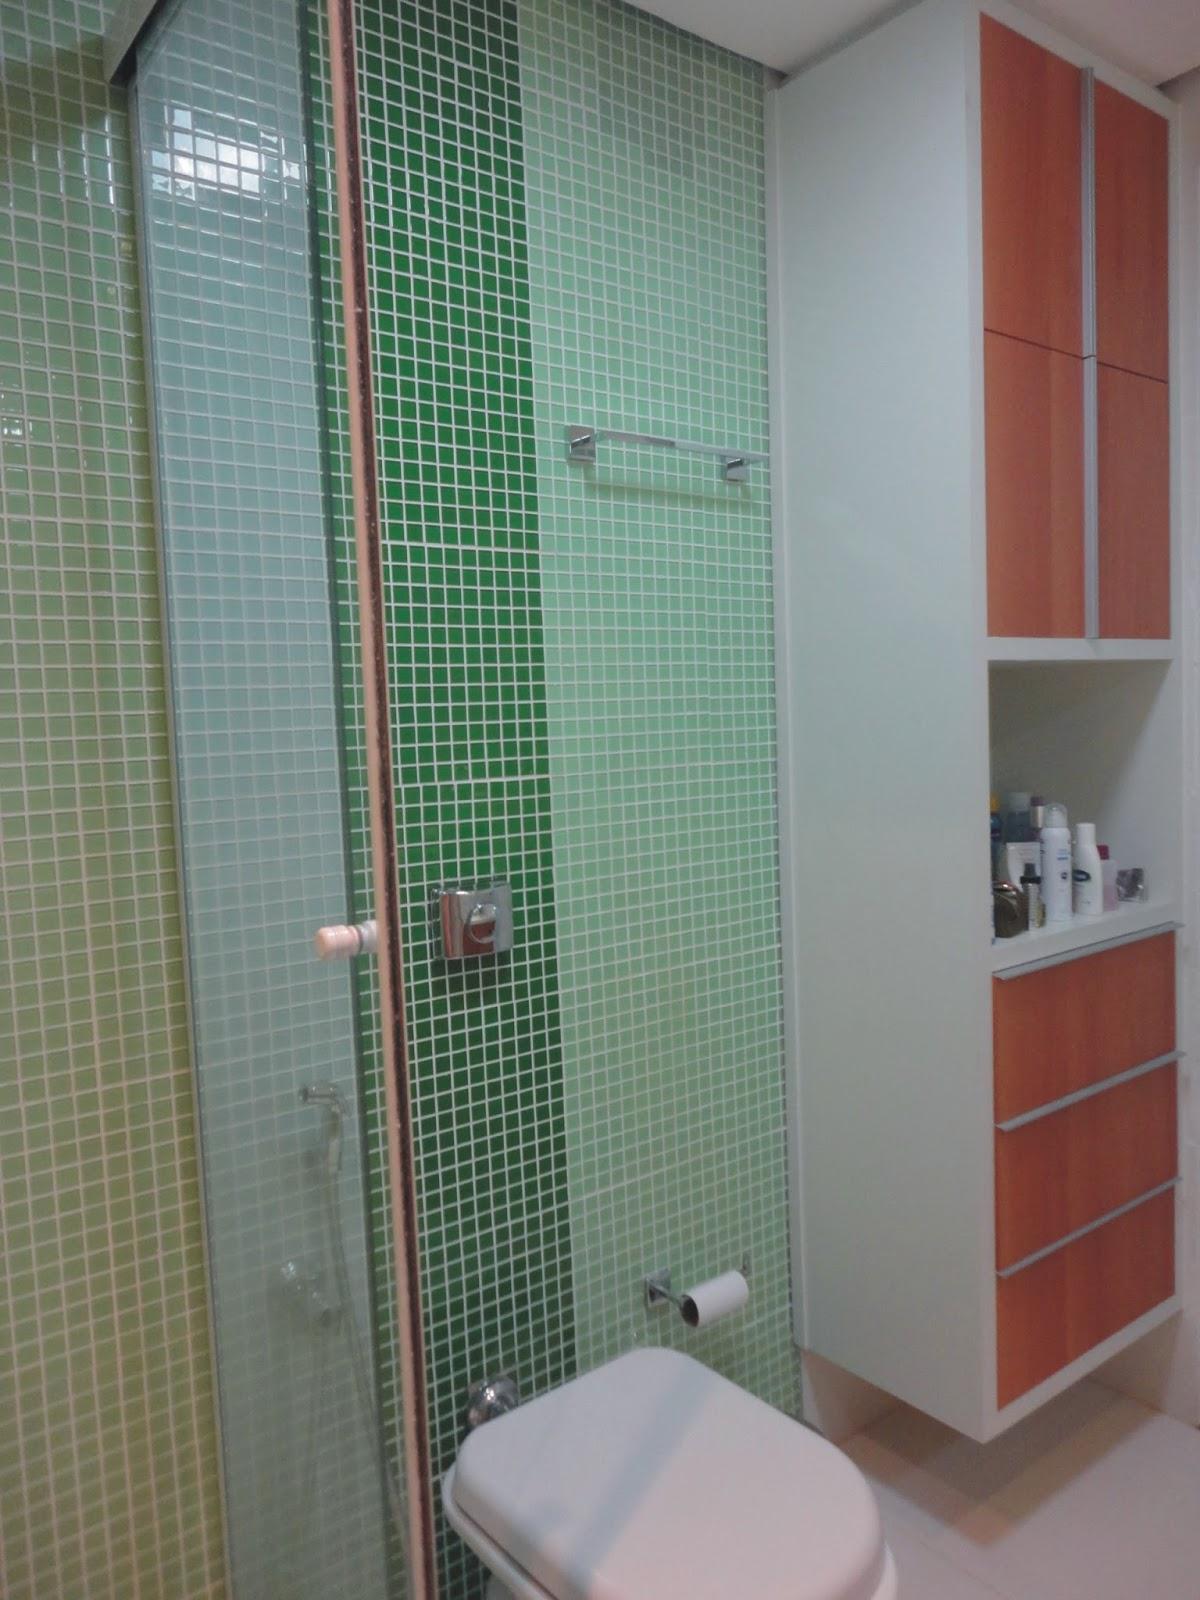 EM SP (VILA MARIANA) BANHEIROS QUARTO COM CLOSET E DESPENSA #74423A 1200x1600 Banheiro Com Closet E Banheira